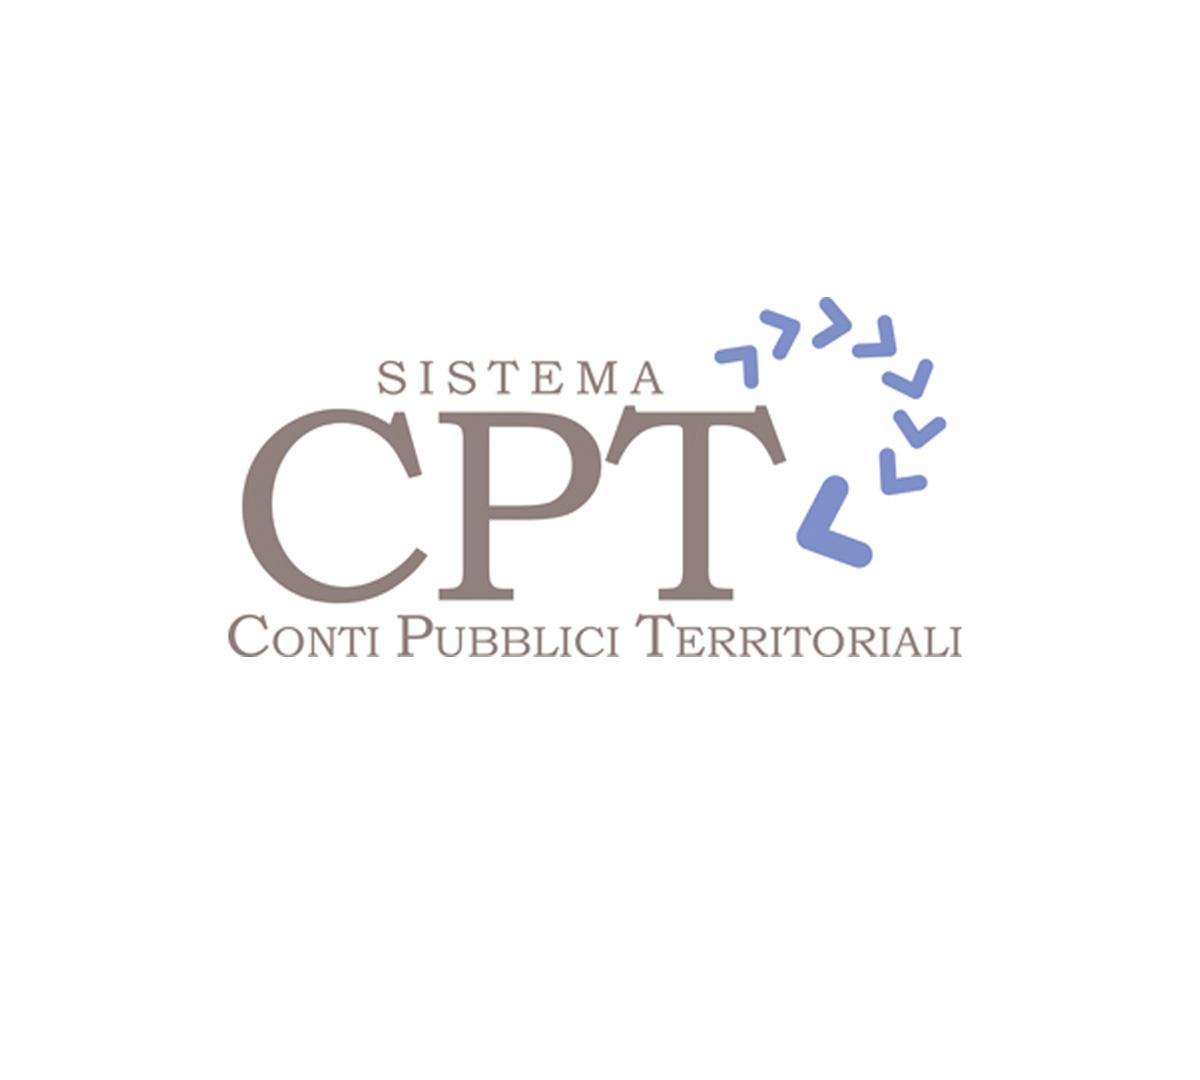 E' disponibile online il nuovo aggiornamento 2020 dei Conti Pubblici Territoriali con i dati consolidati al 2018